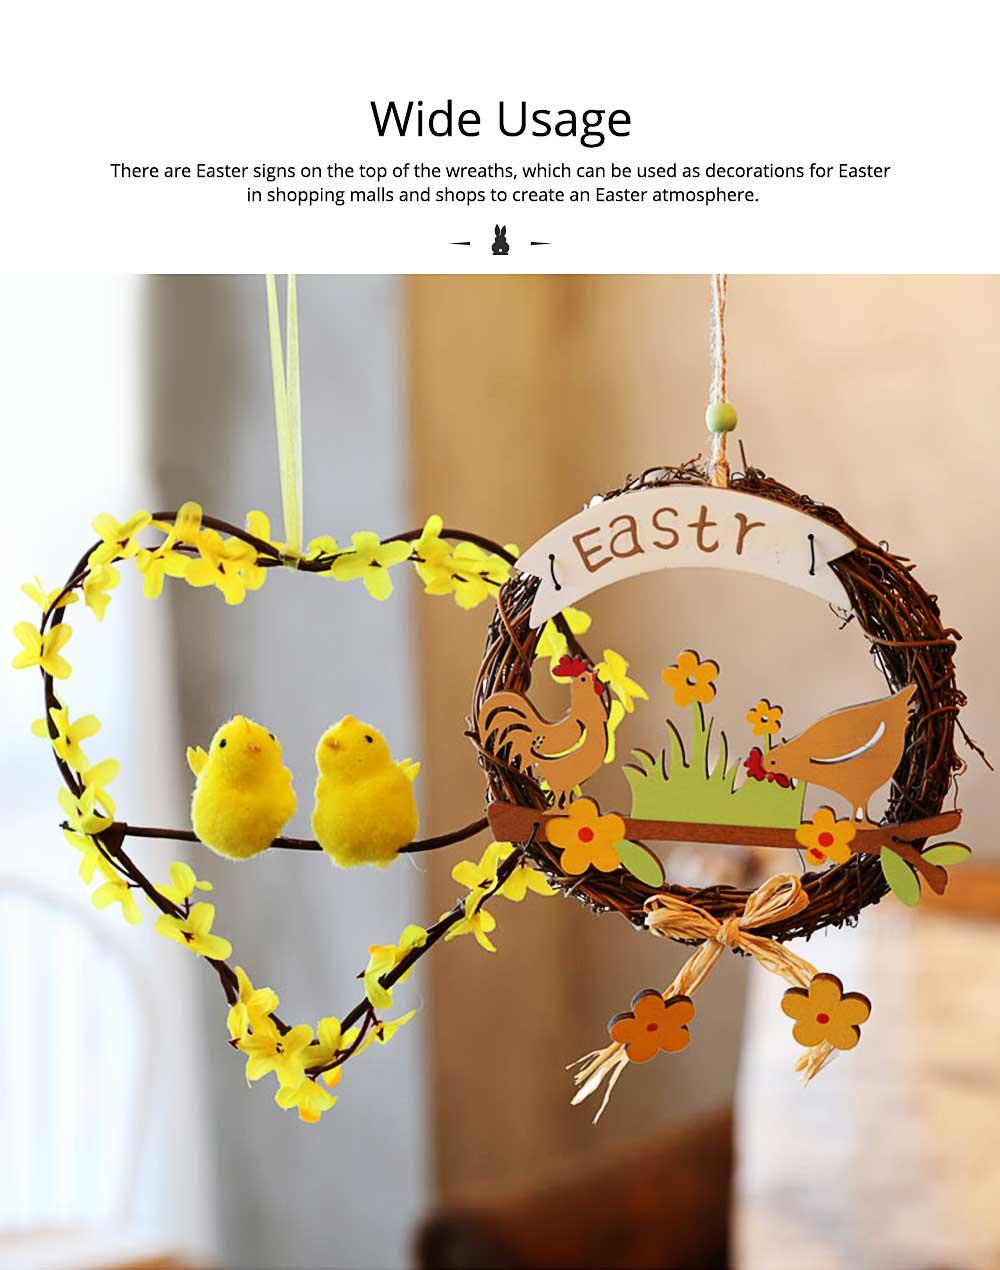 Easter Wreath Wood Bunny Chicks Eggs, Door Hanging Decorations Pendant Props 1